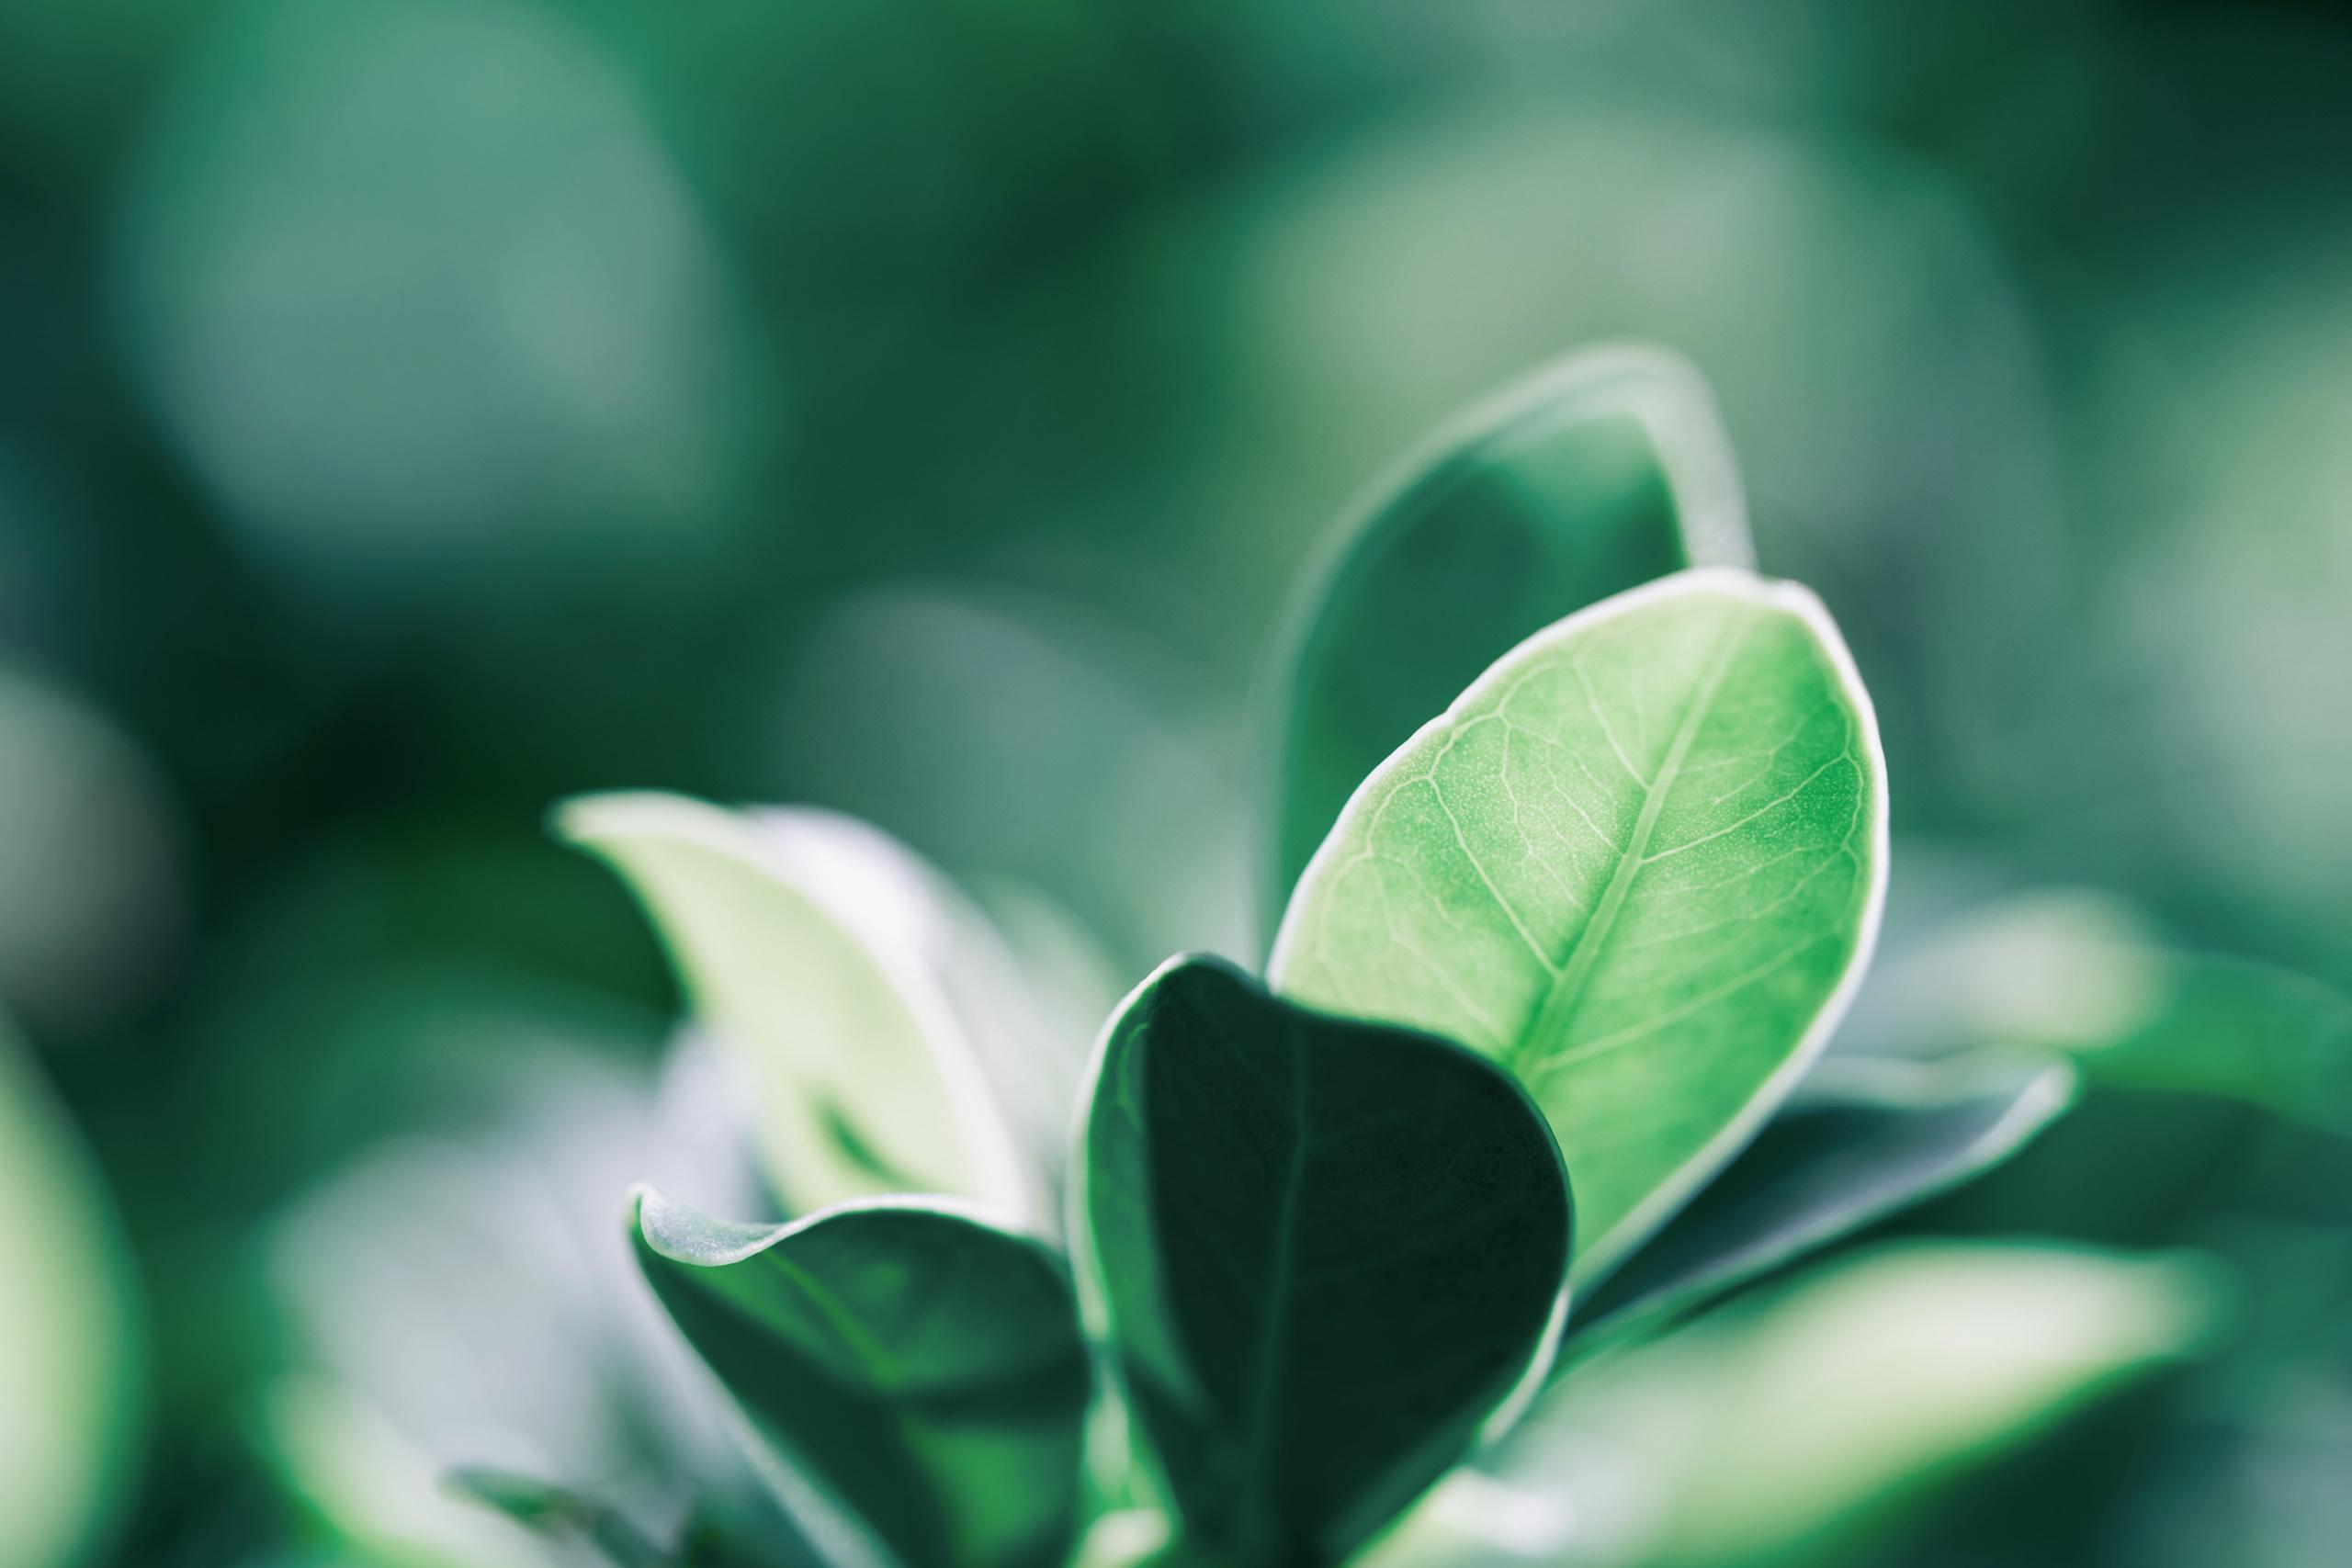 lehdet vihreällä taustalla